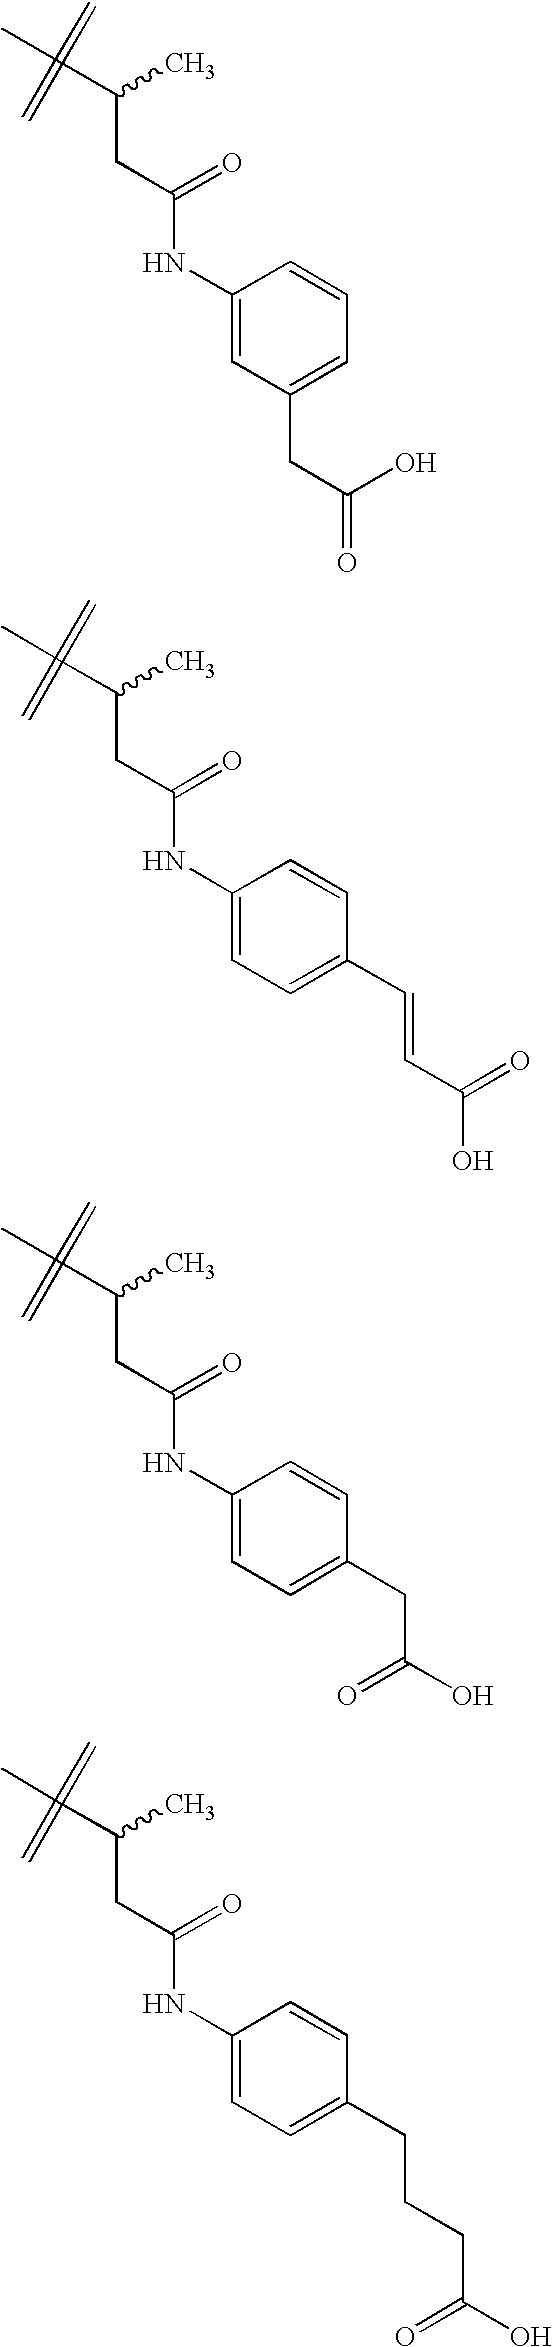 Figure US20070049593A1-20070301-C00096